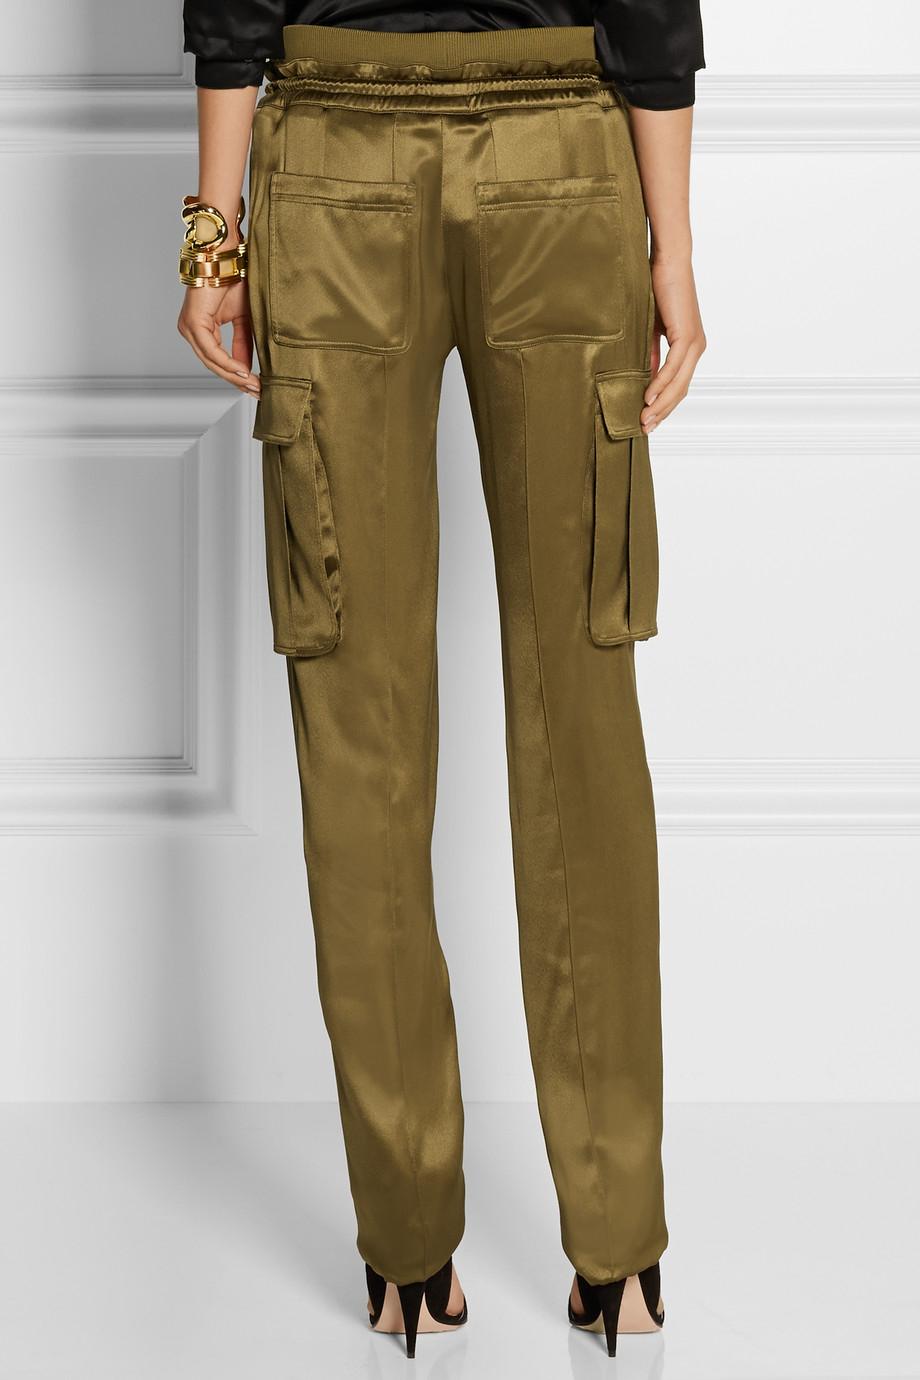 Balmain Silk-Satin Cargo Pants in Green